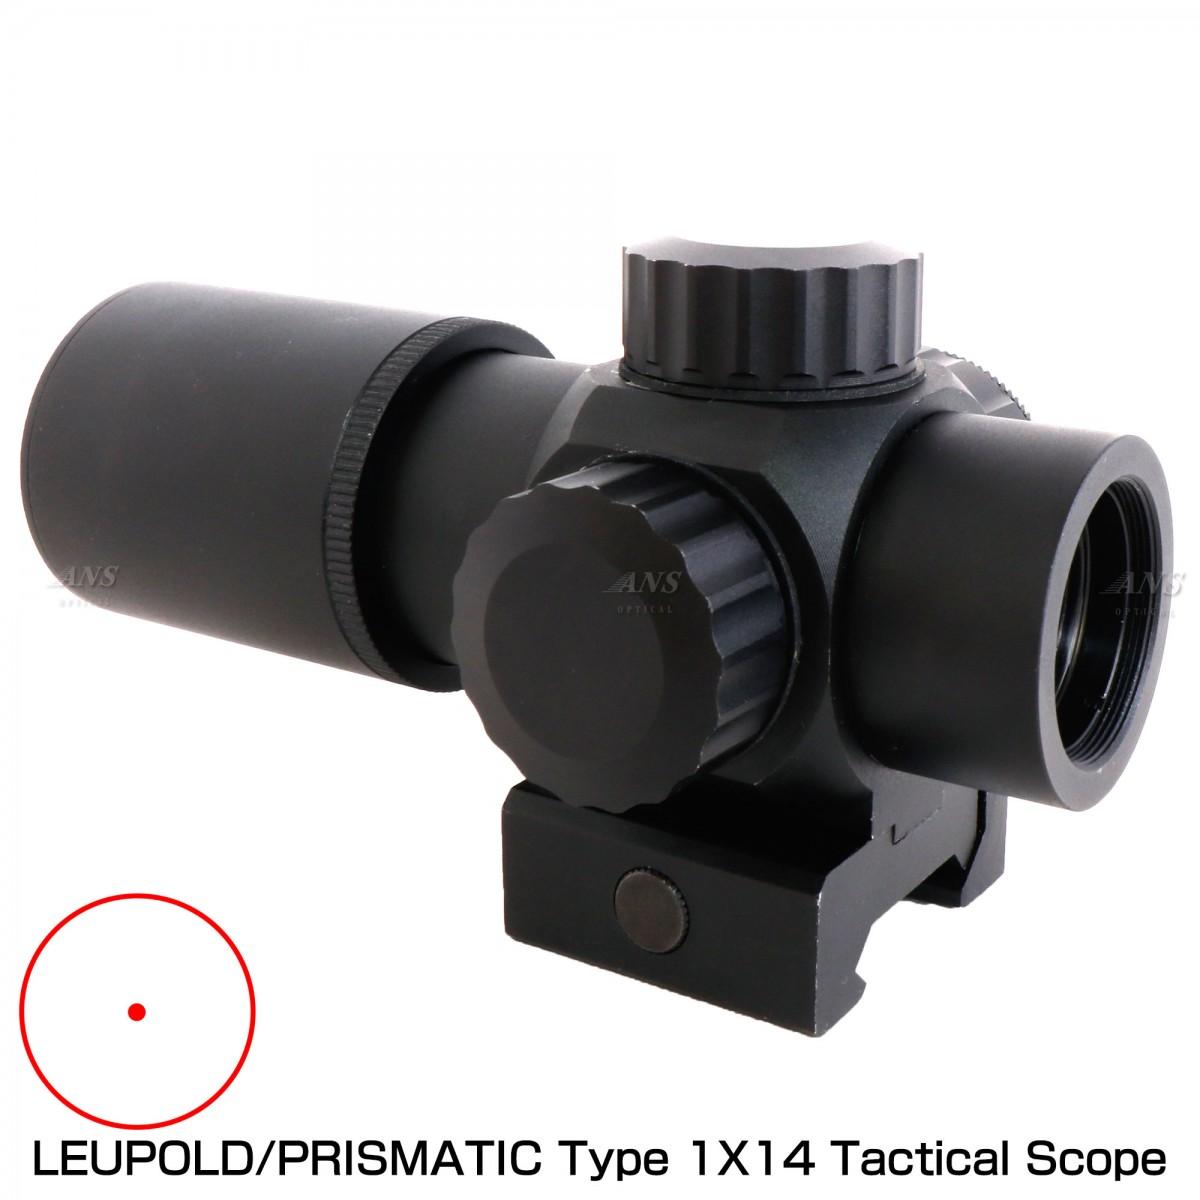 ANS optical  LEUPOLD/PRISMATICタイプ 1X14 イルミネートスコープ 赤11段階